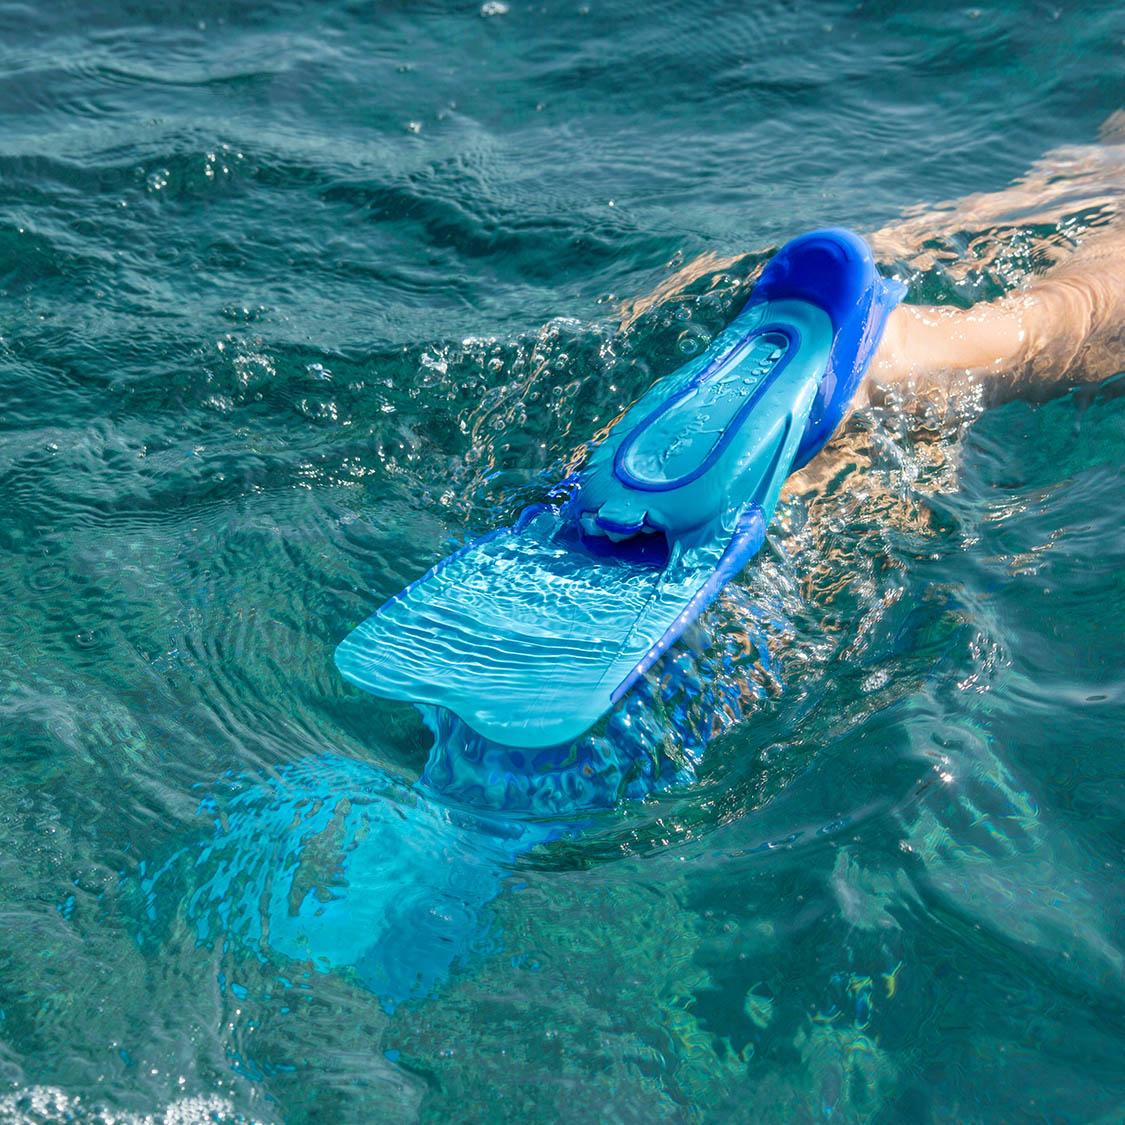 迪卡侬短脚蹼成人自由潜水浮潜三宝游泳蛙鞋儿童训练专业SUBEA